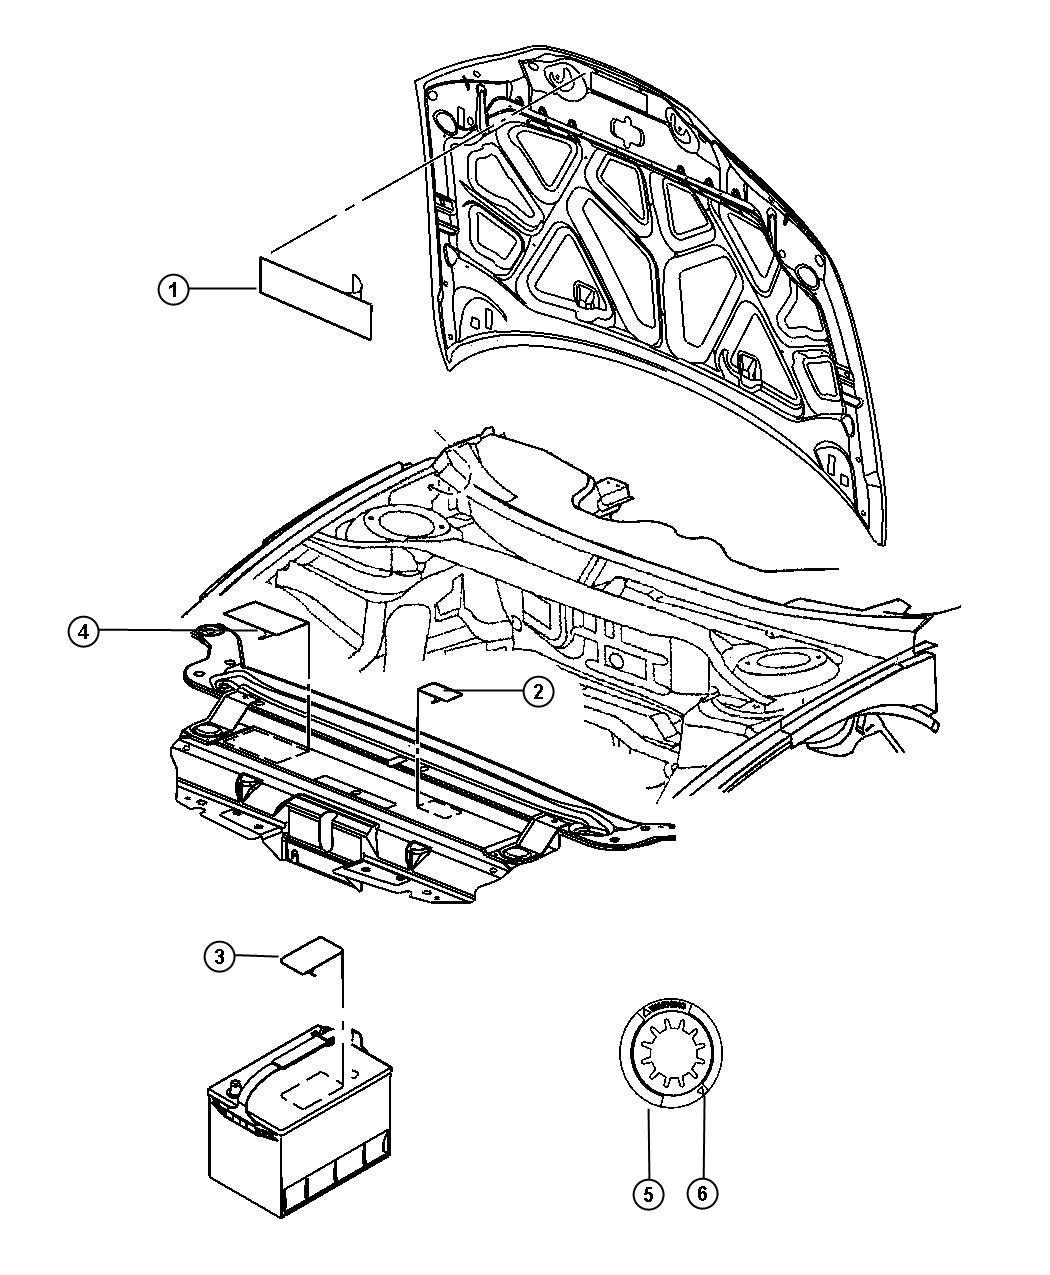 Dodge Challenger Label Veci Label 3 6l V6 Vvt Engine